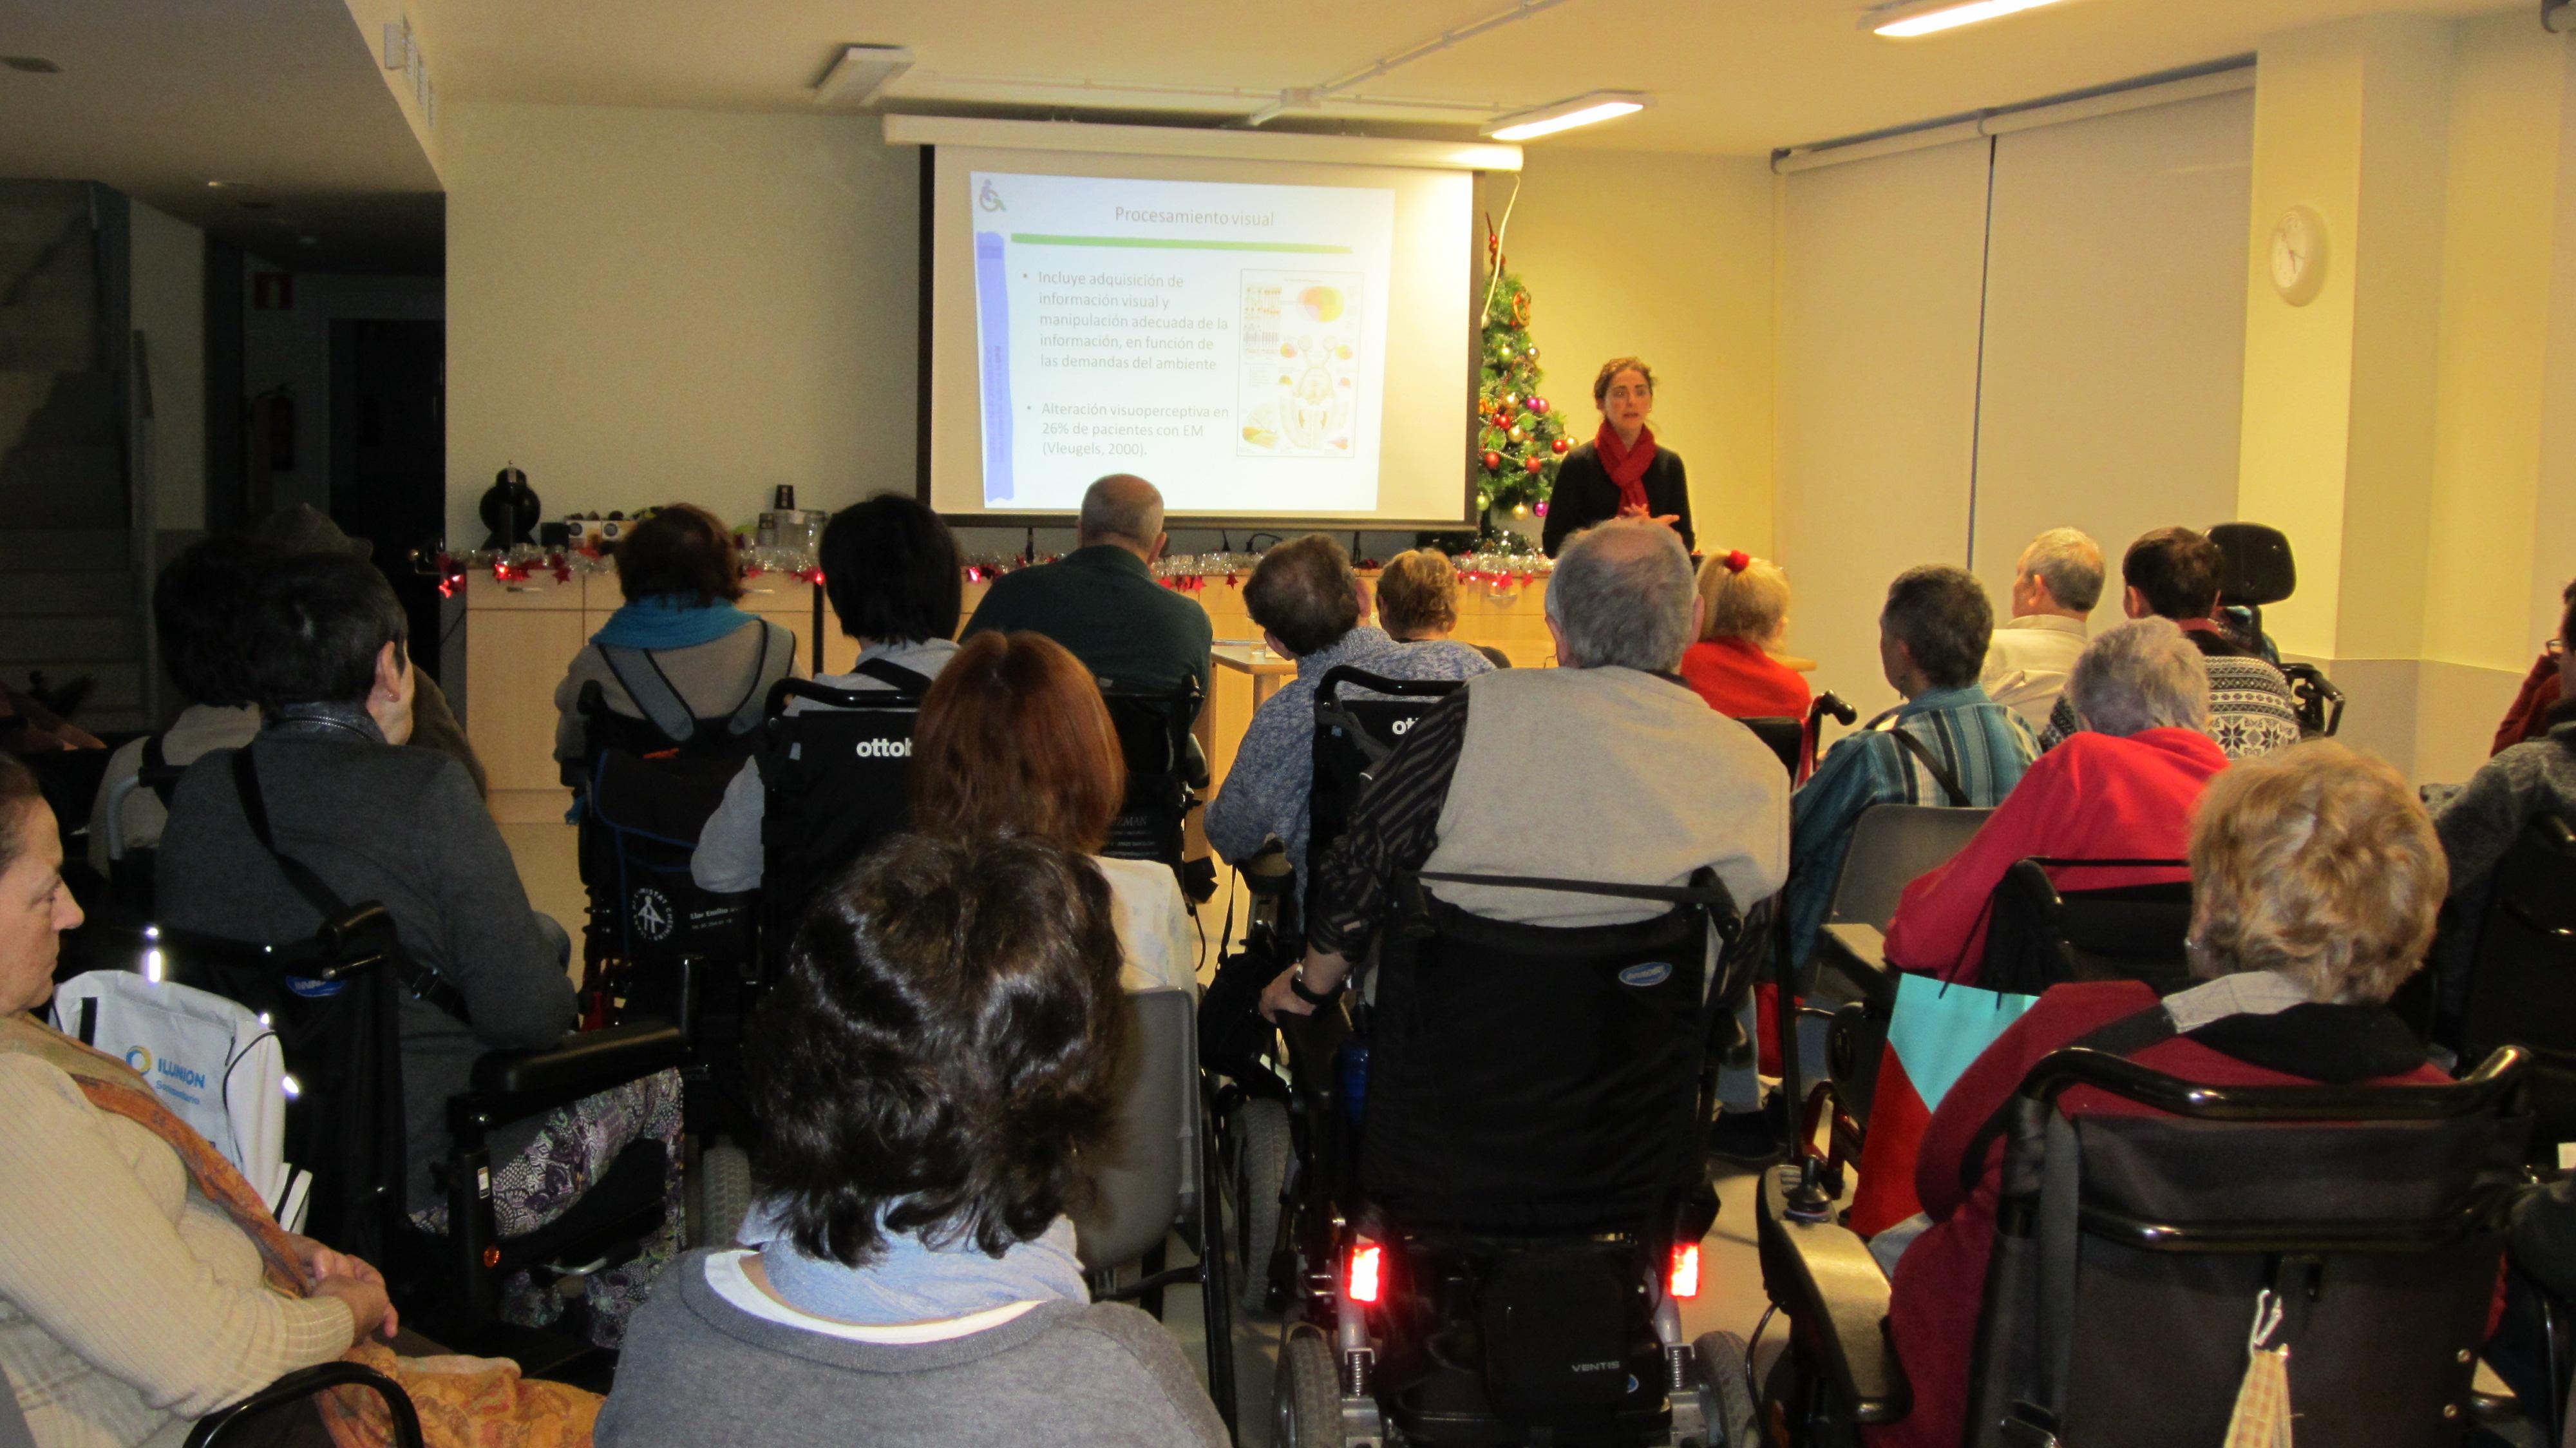 Conferència rehabilitació neuropsicològica